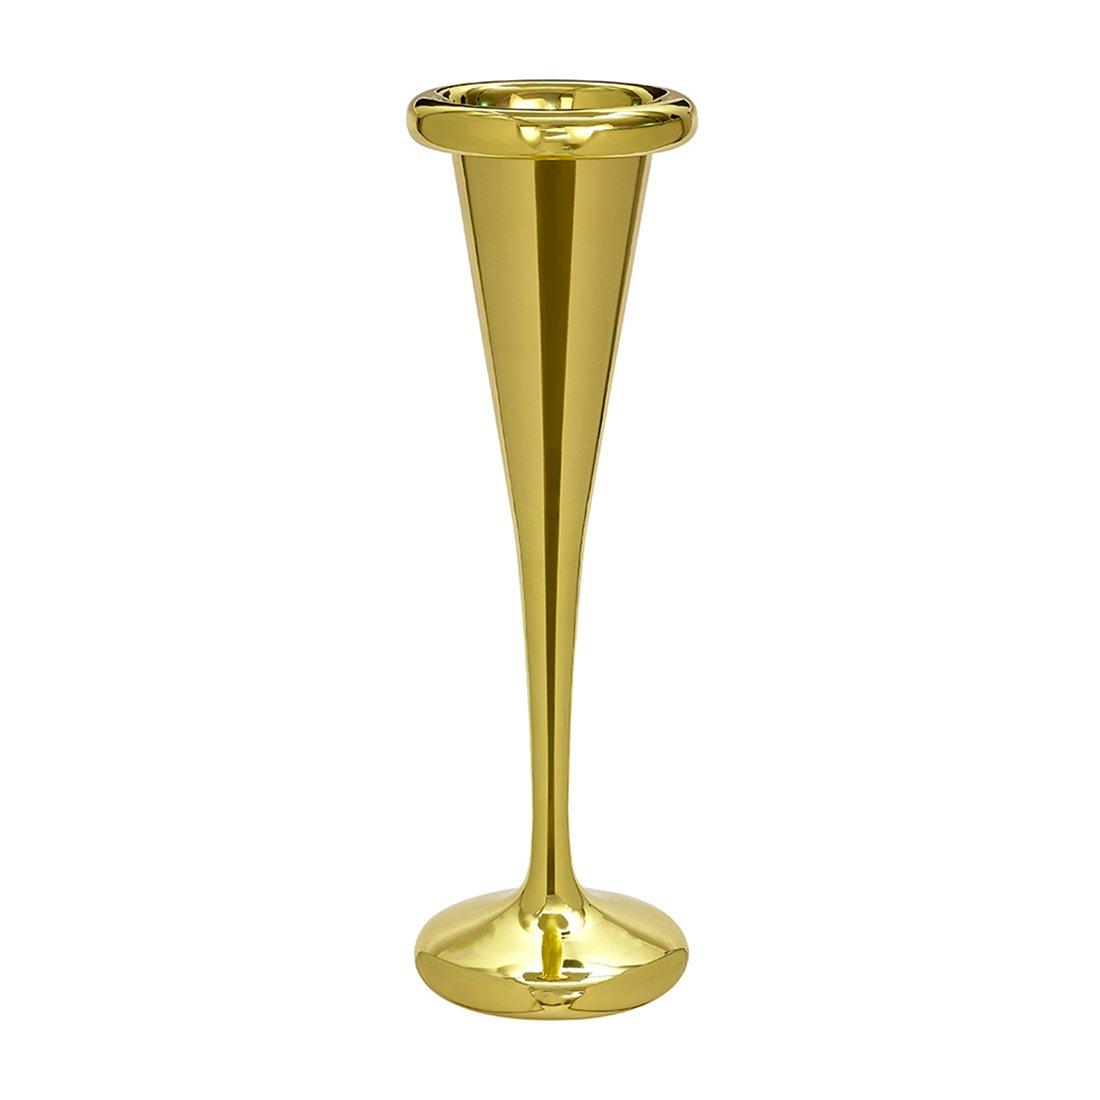 Spun Champagnekoeler Bucket Brass - Tom Dixon